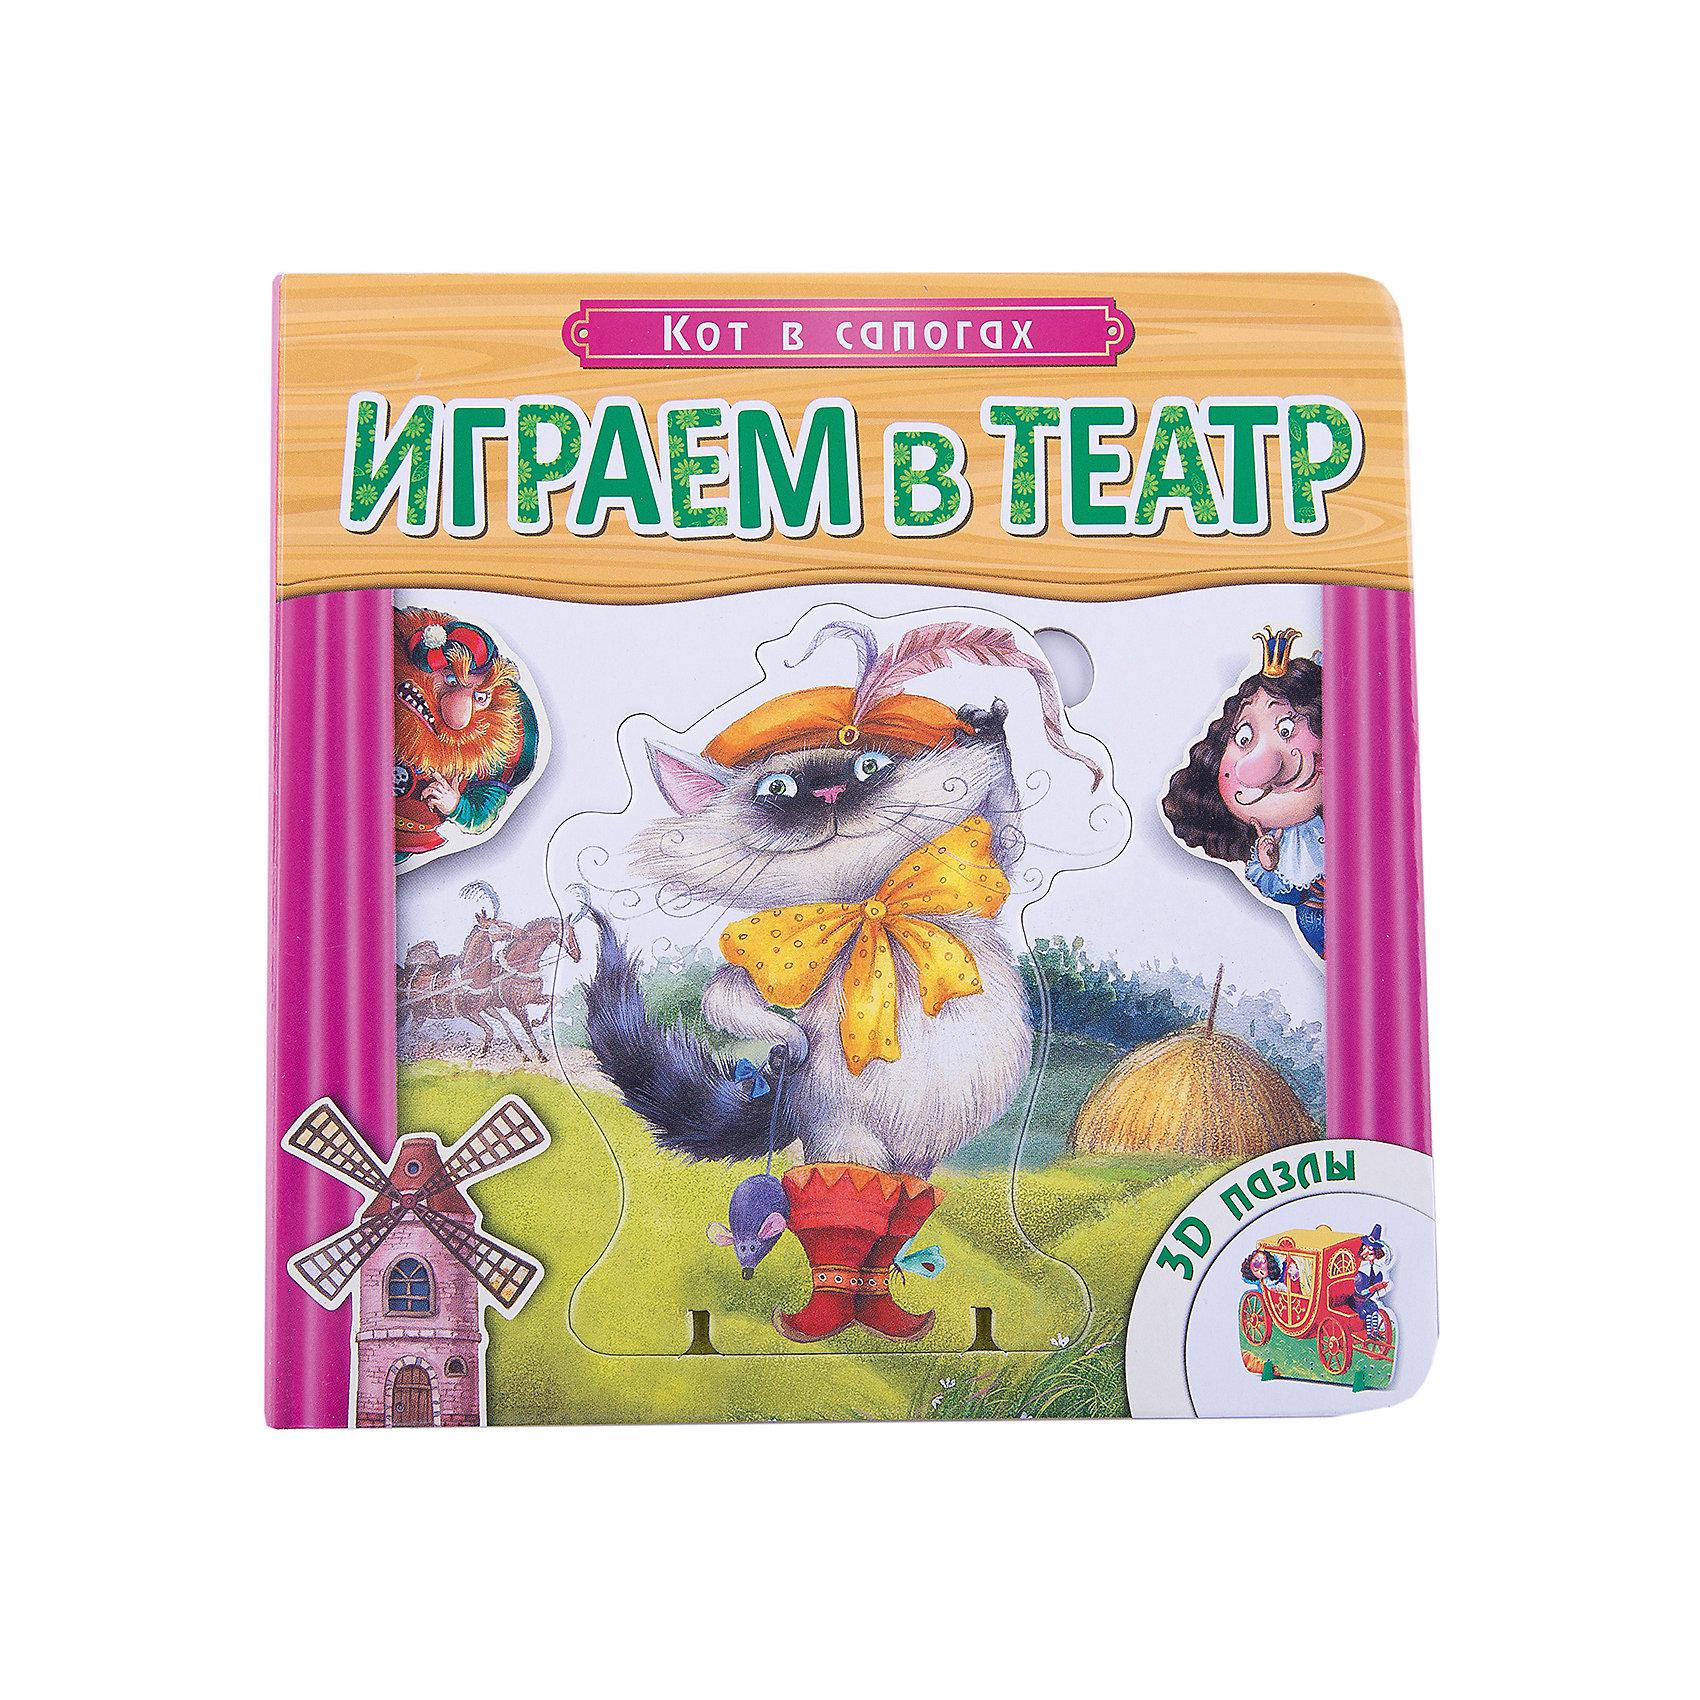 Книжка с пазлами Кот в сапогах, Играем в театрИграем в театр. Книжка с пазлами. Кот в сапогах.<br>Сказки можно не только читать, в них можно играть! <br>В книге «Кот в сапогах» серии «Играем в театр» ребенок найдет шесть картинок-пазлов, которые вынимаются из плотных картонных страничек, а также специальные подставки для фигурок. <br>Поиграйте с пазлами в кукольный театр и поставьте настоящий сказочный спектакль.<br>А еще можно просто пересказать уже знакомую сказку!<br>Любимая сказка, яркие цвета и добрые иллюстрации не оставят равнодушными вас и вашего малыша.<br>Занятия по книге «Кот в сапогах» - отличный способ весело и с пользой провести время: они способствуют развитию речи, фантазии, внимания, памяти и мелкой моторики рук.<br><br>Ширина мм: 28<br>Глубина мм: 170<br>Высота мм: 170<br>Вес г: 518<br>Возраст от месяцев: 36<br>Возраст до месяцев: 60<br>Пол: Унисекс<br>Возраст: Детский<br>SKU: 5362898